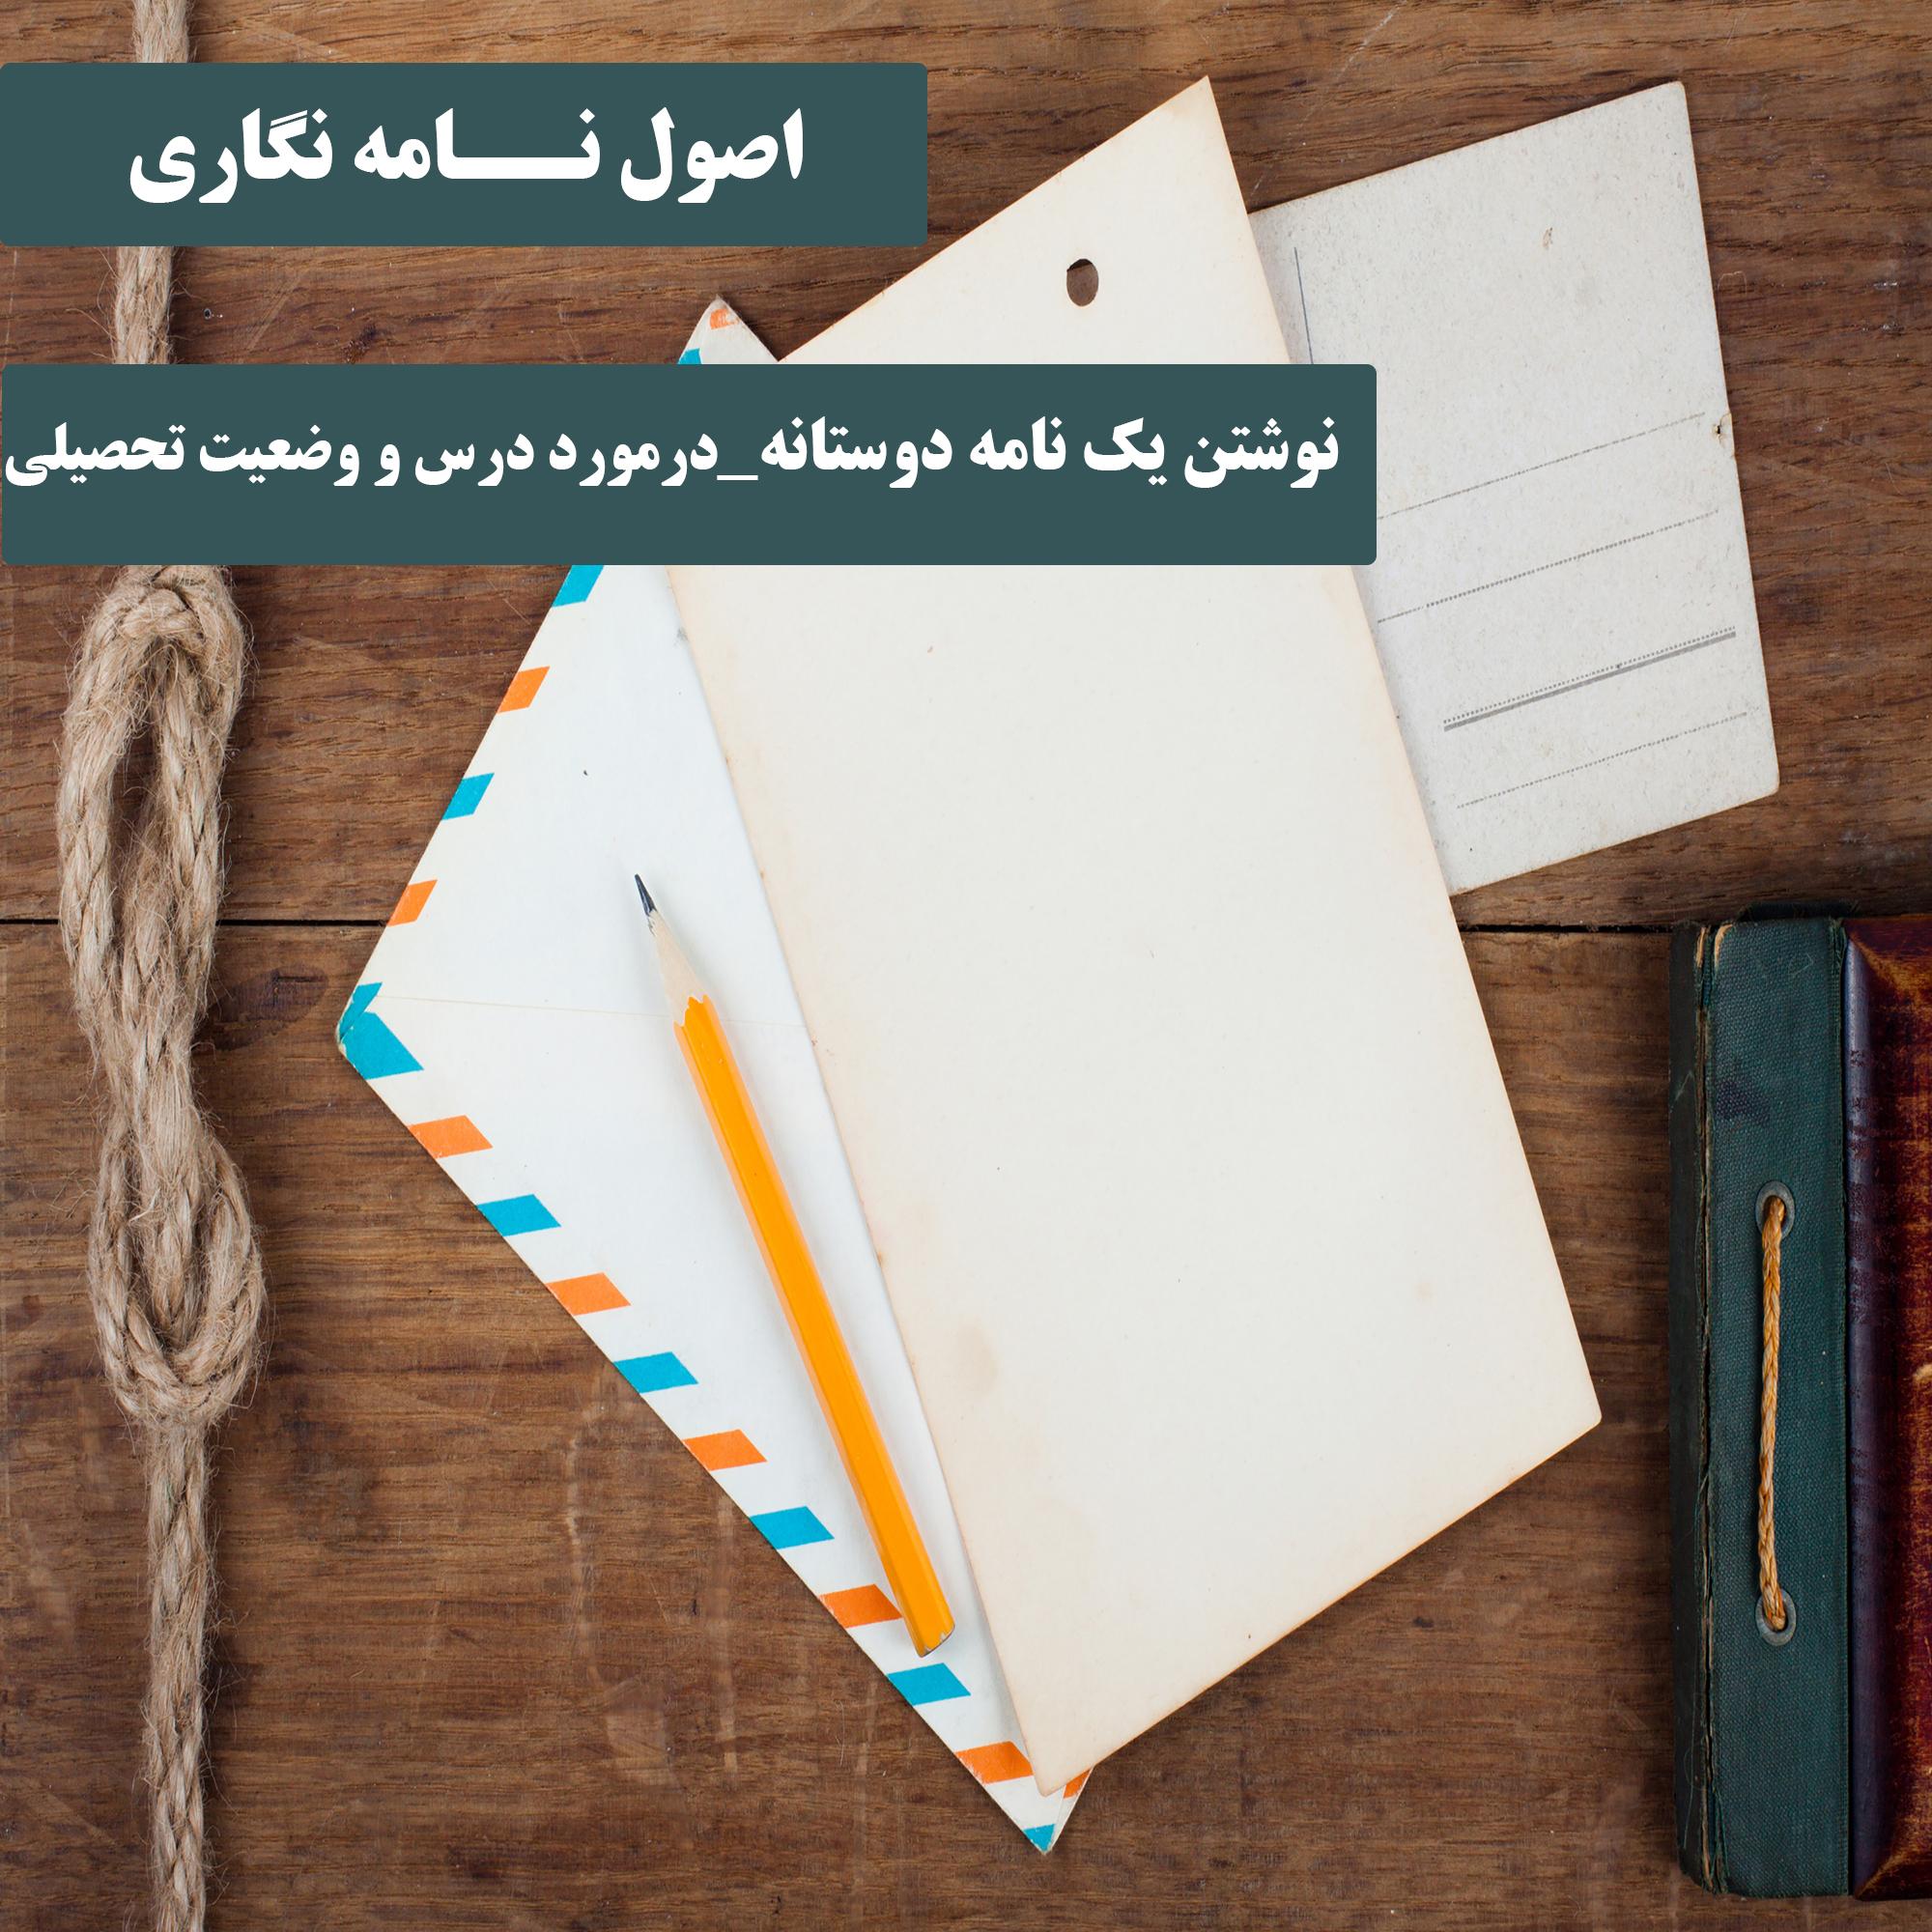 نوشتن یک نامه دوستانه